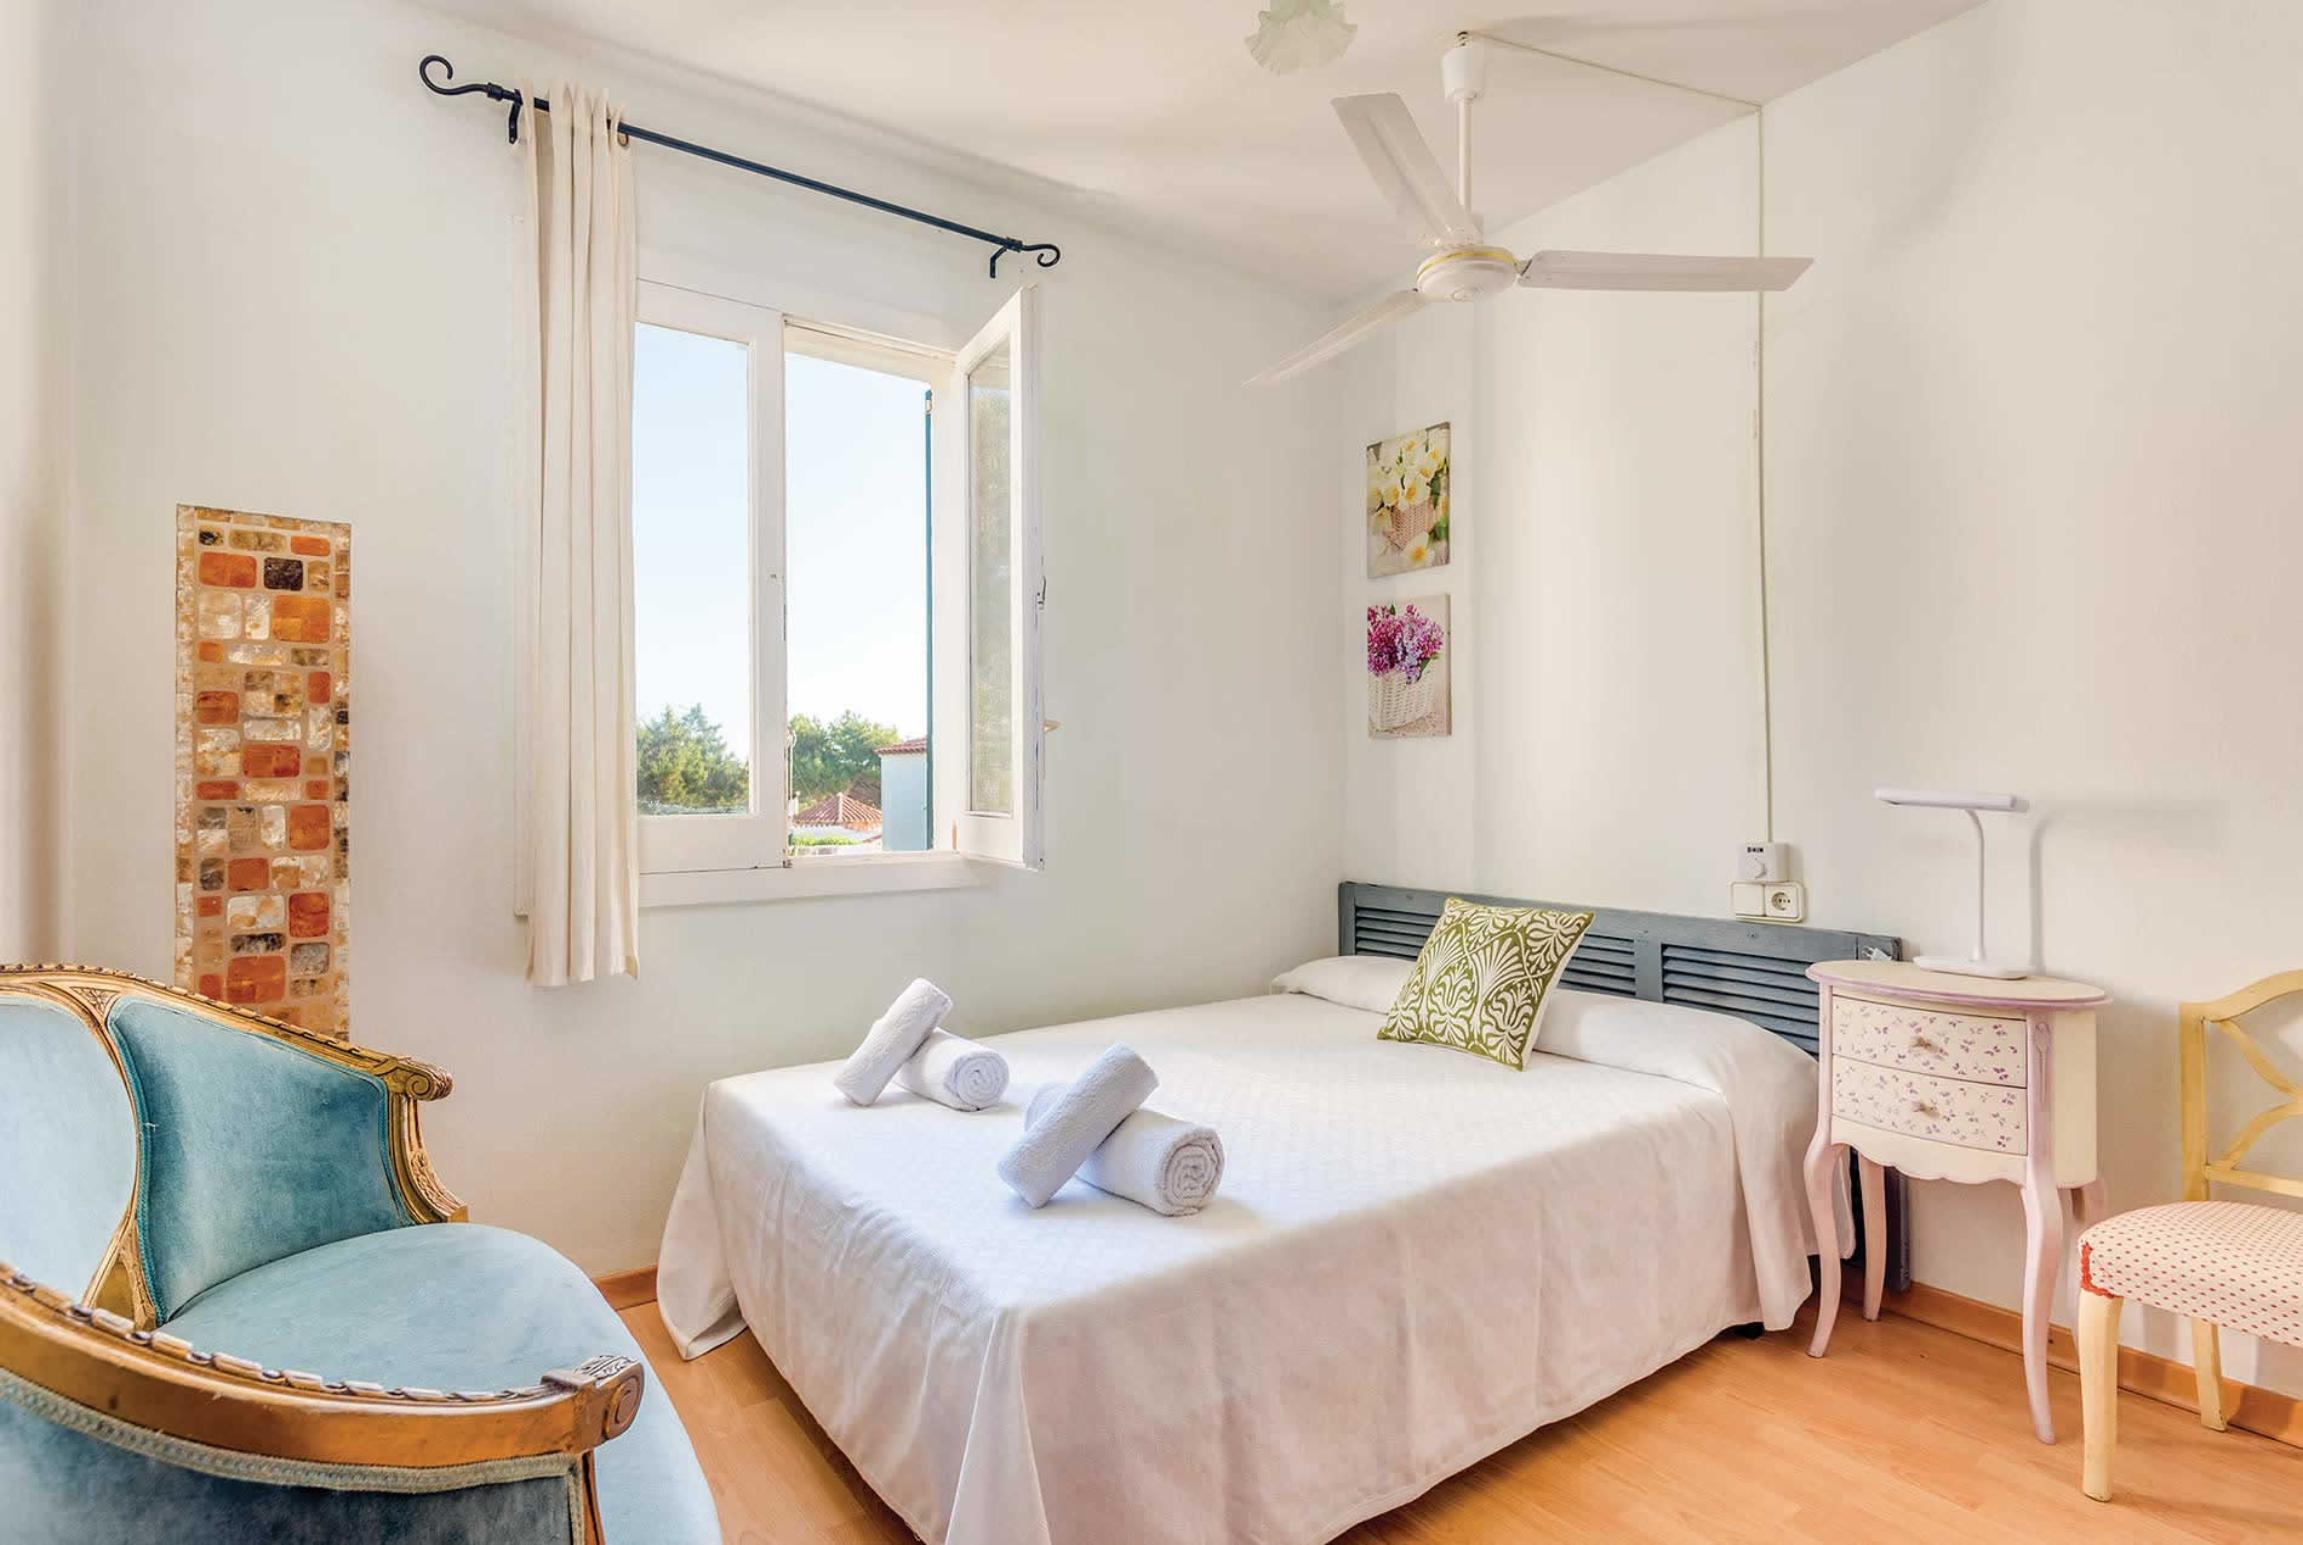 Ferienhaus Casa Luis (2653617), Punta Prima, Menorca, Balearische Inseln, Spanien, Bild 8